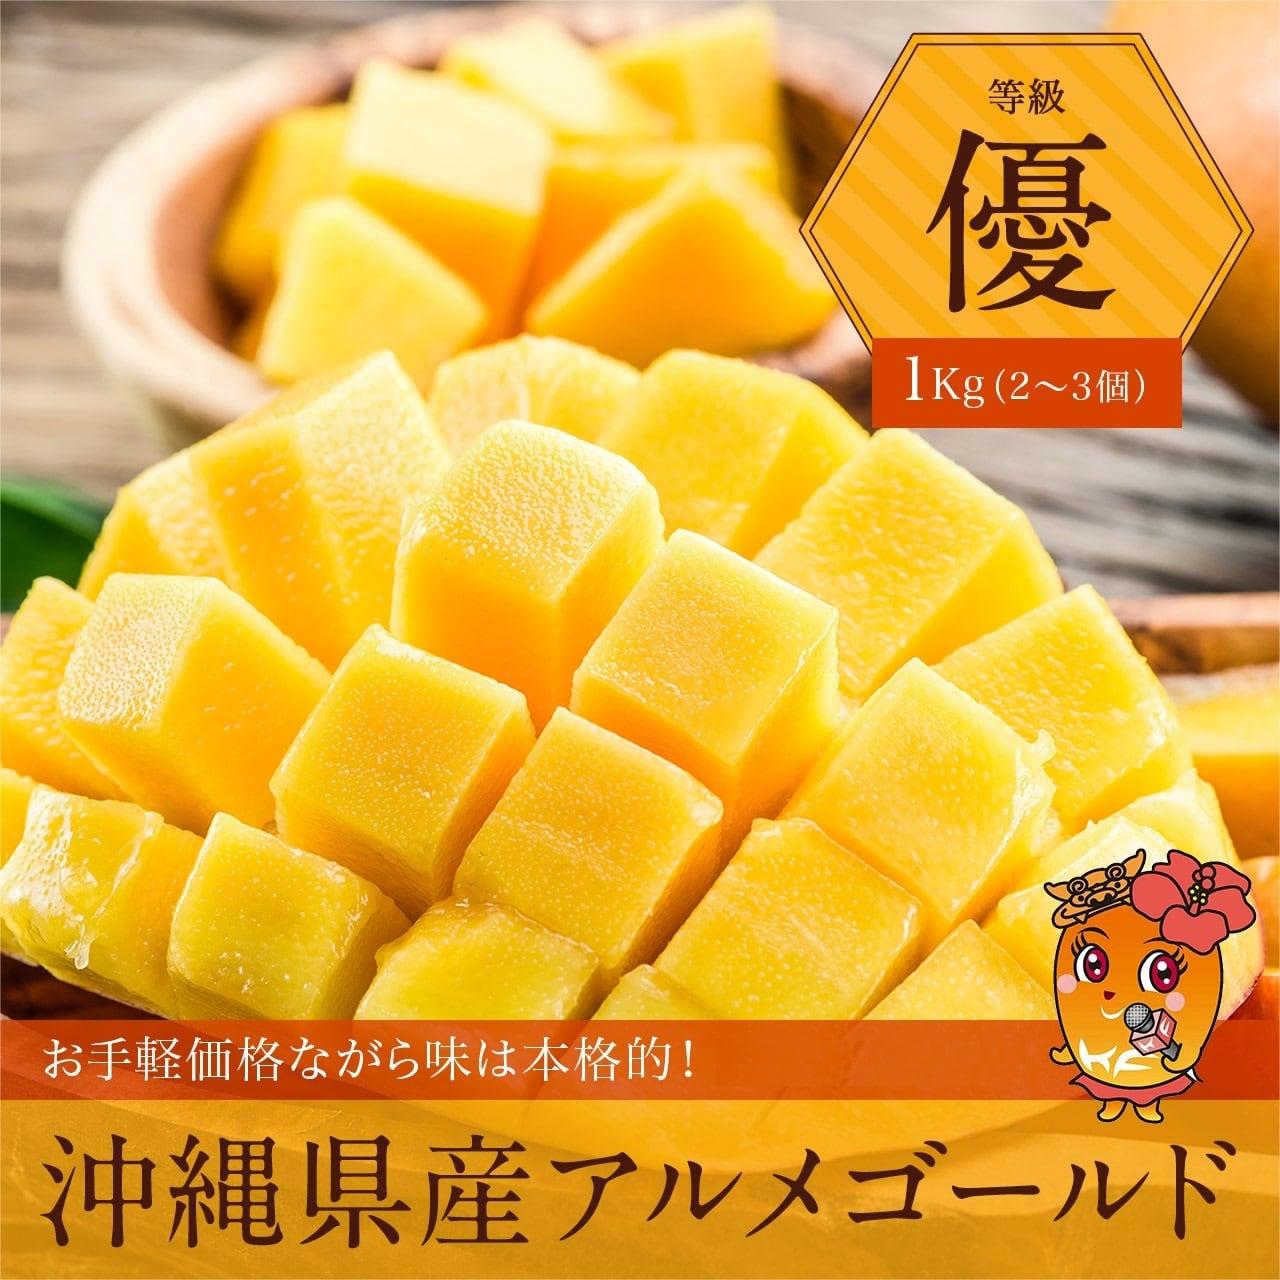 【優品1kg】沖縄県産アルメゴールド(アップルマンゴー2~3玉)